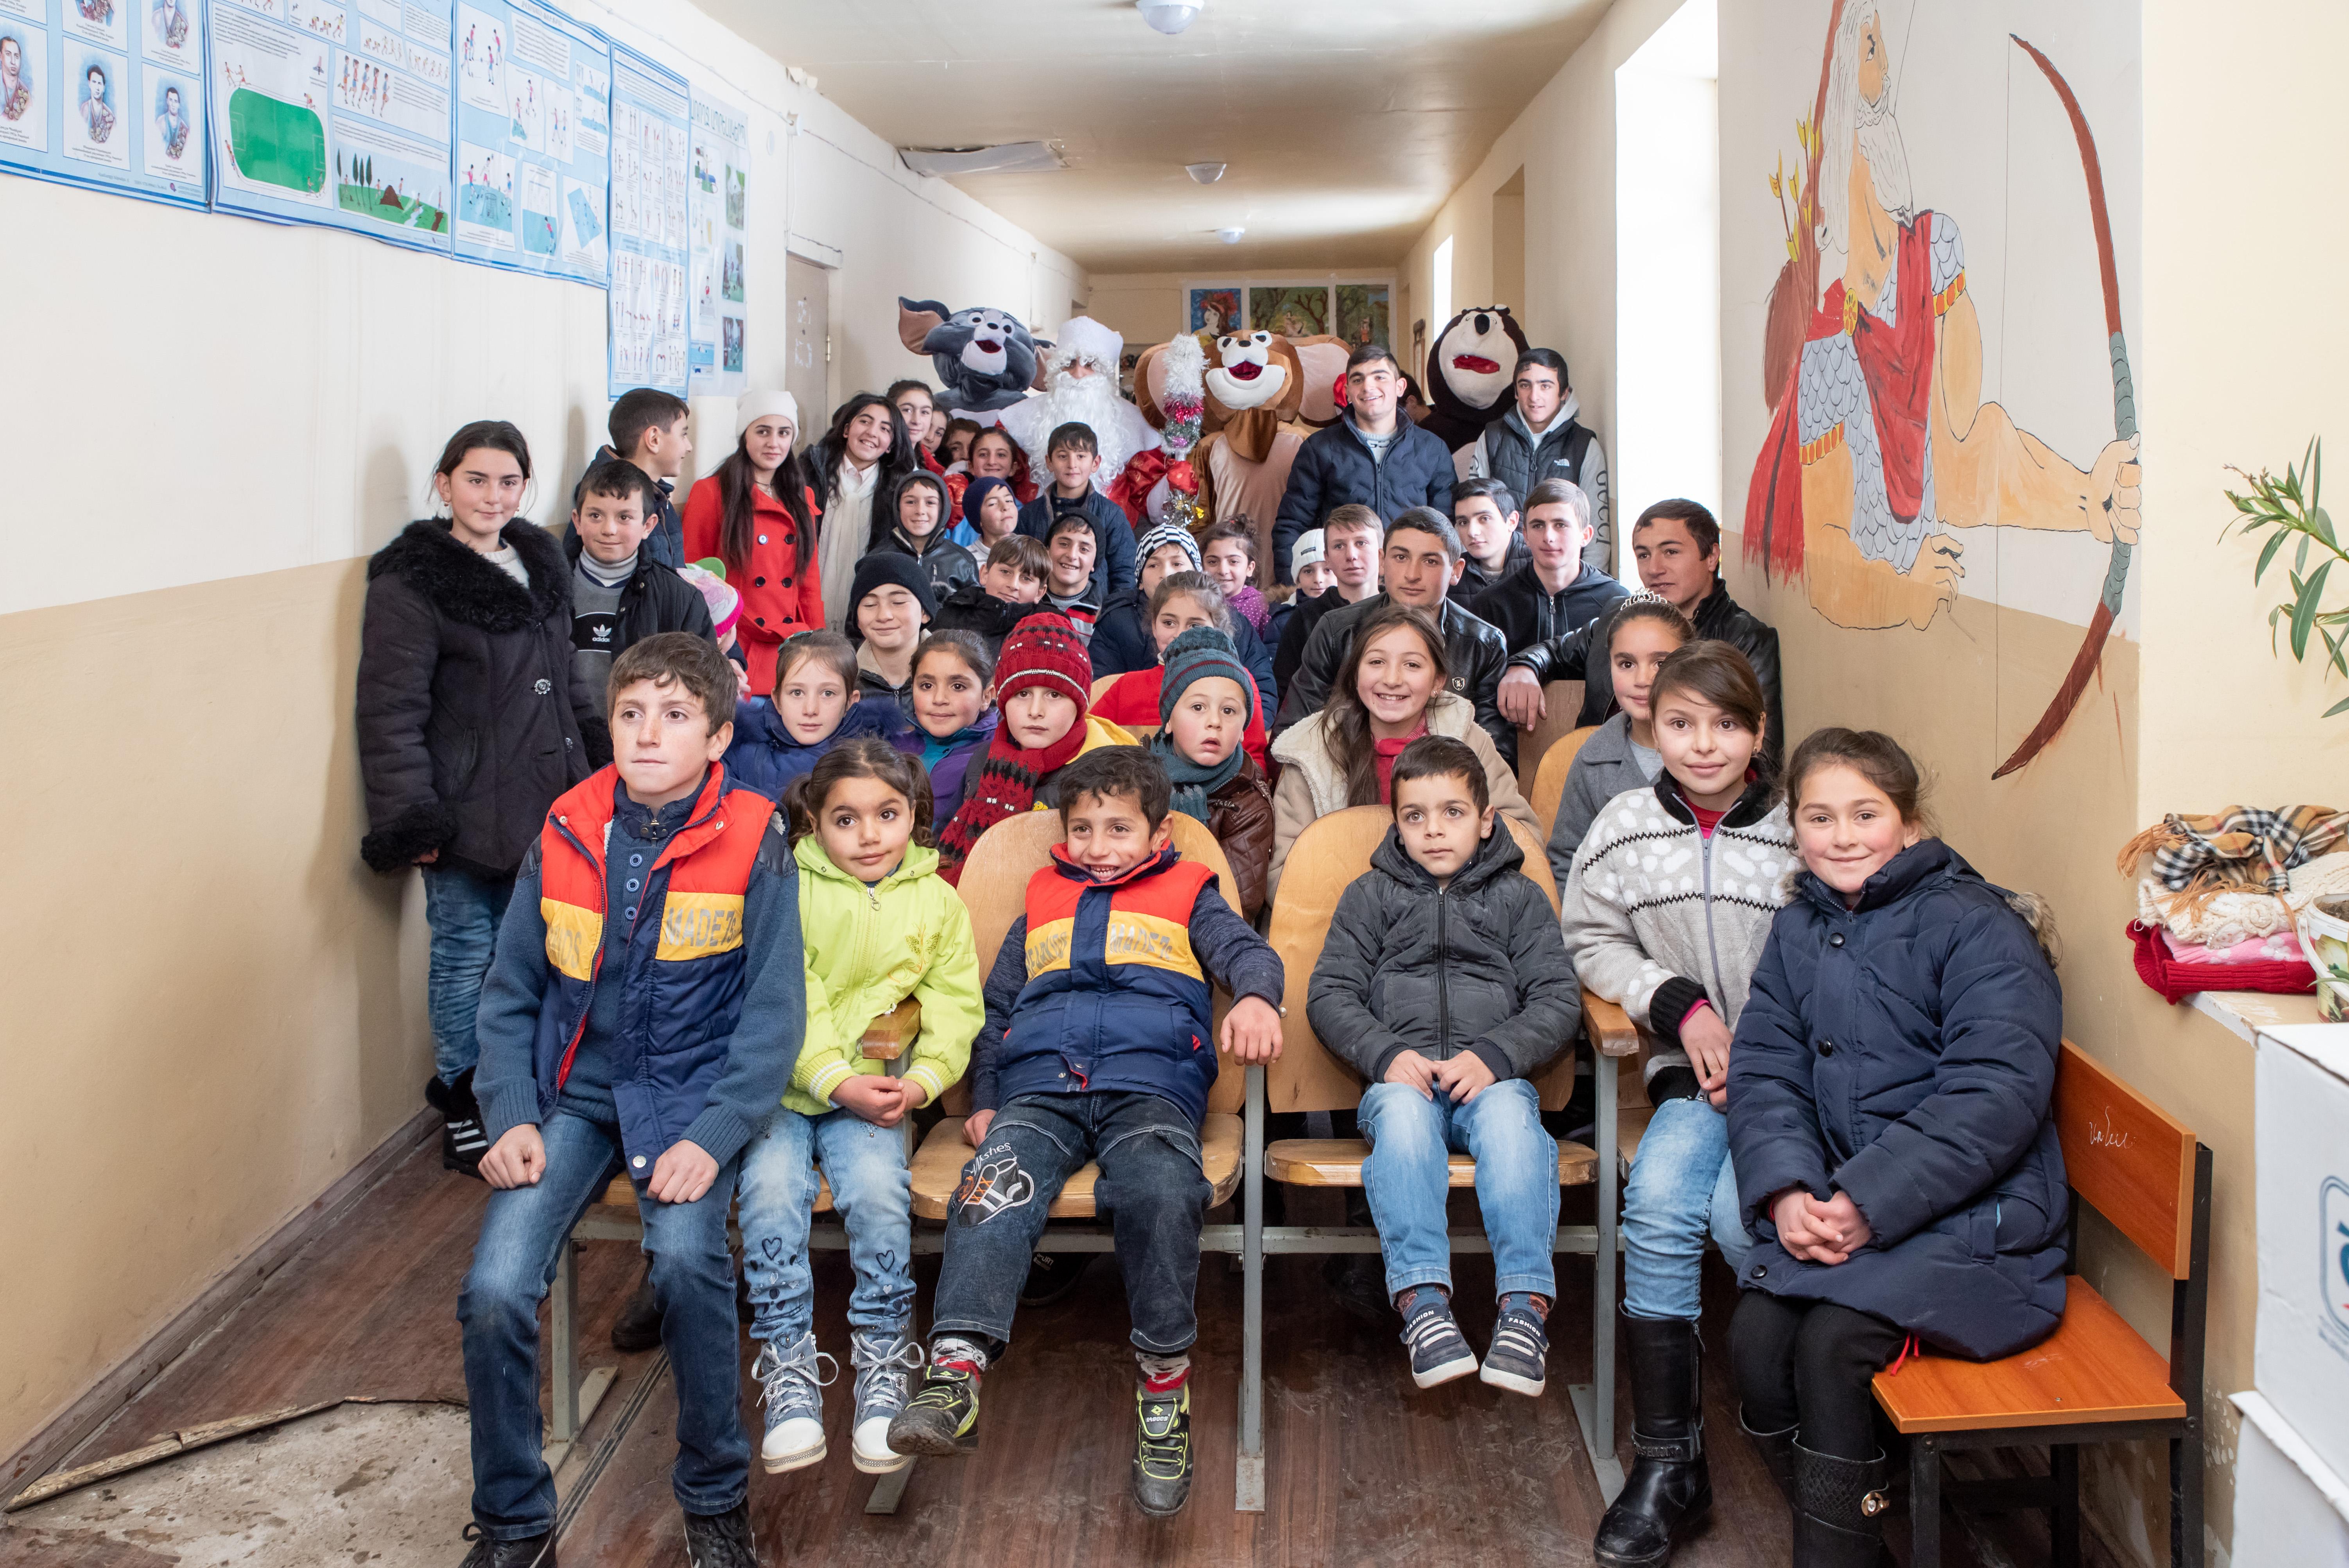 Կոնվերս բանկ․ «Դարձիր Ձմեռ պապ» նախագիծը՝ հեռավոր գյուղերի երեխաների համար